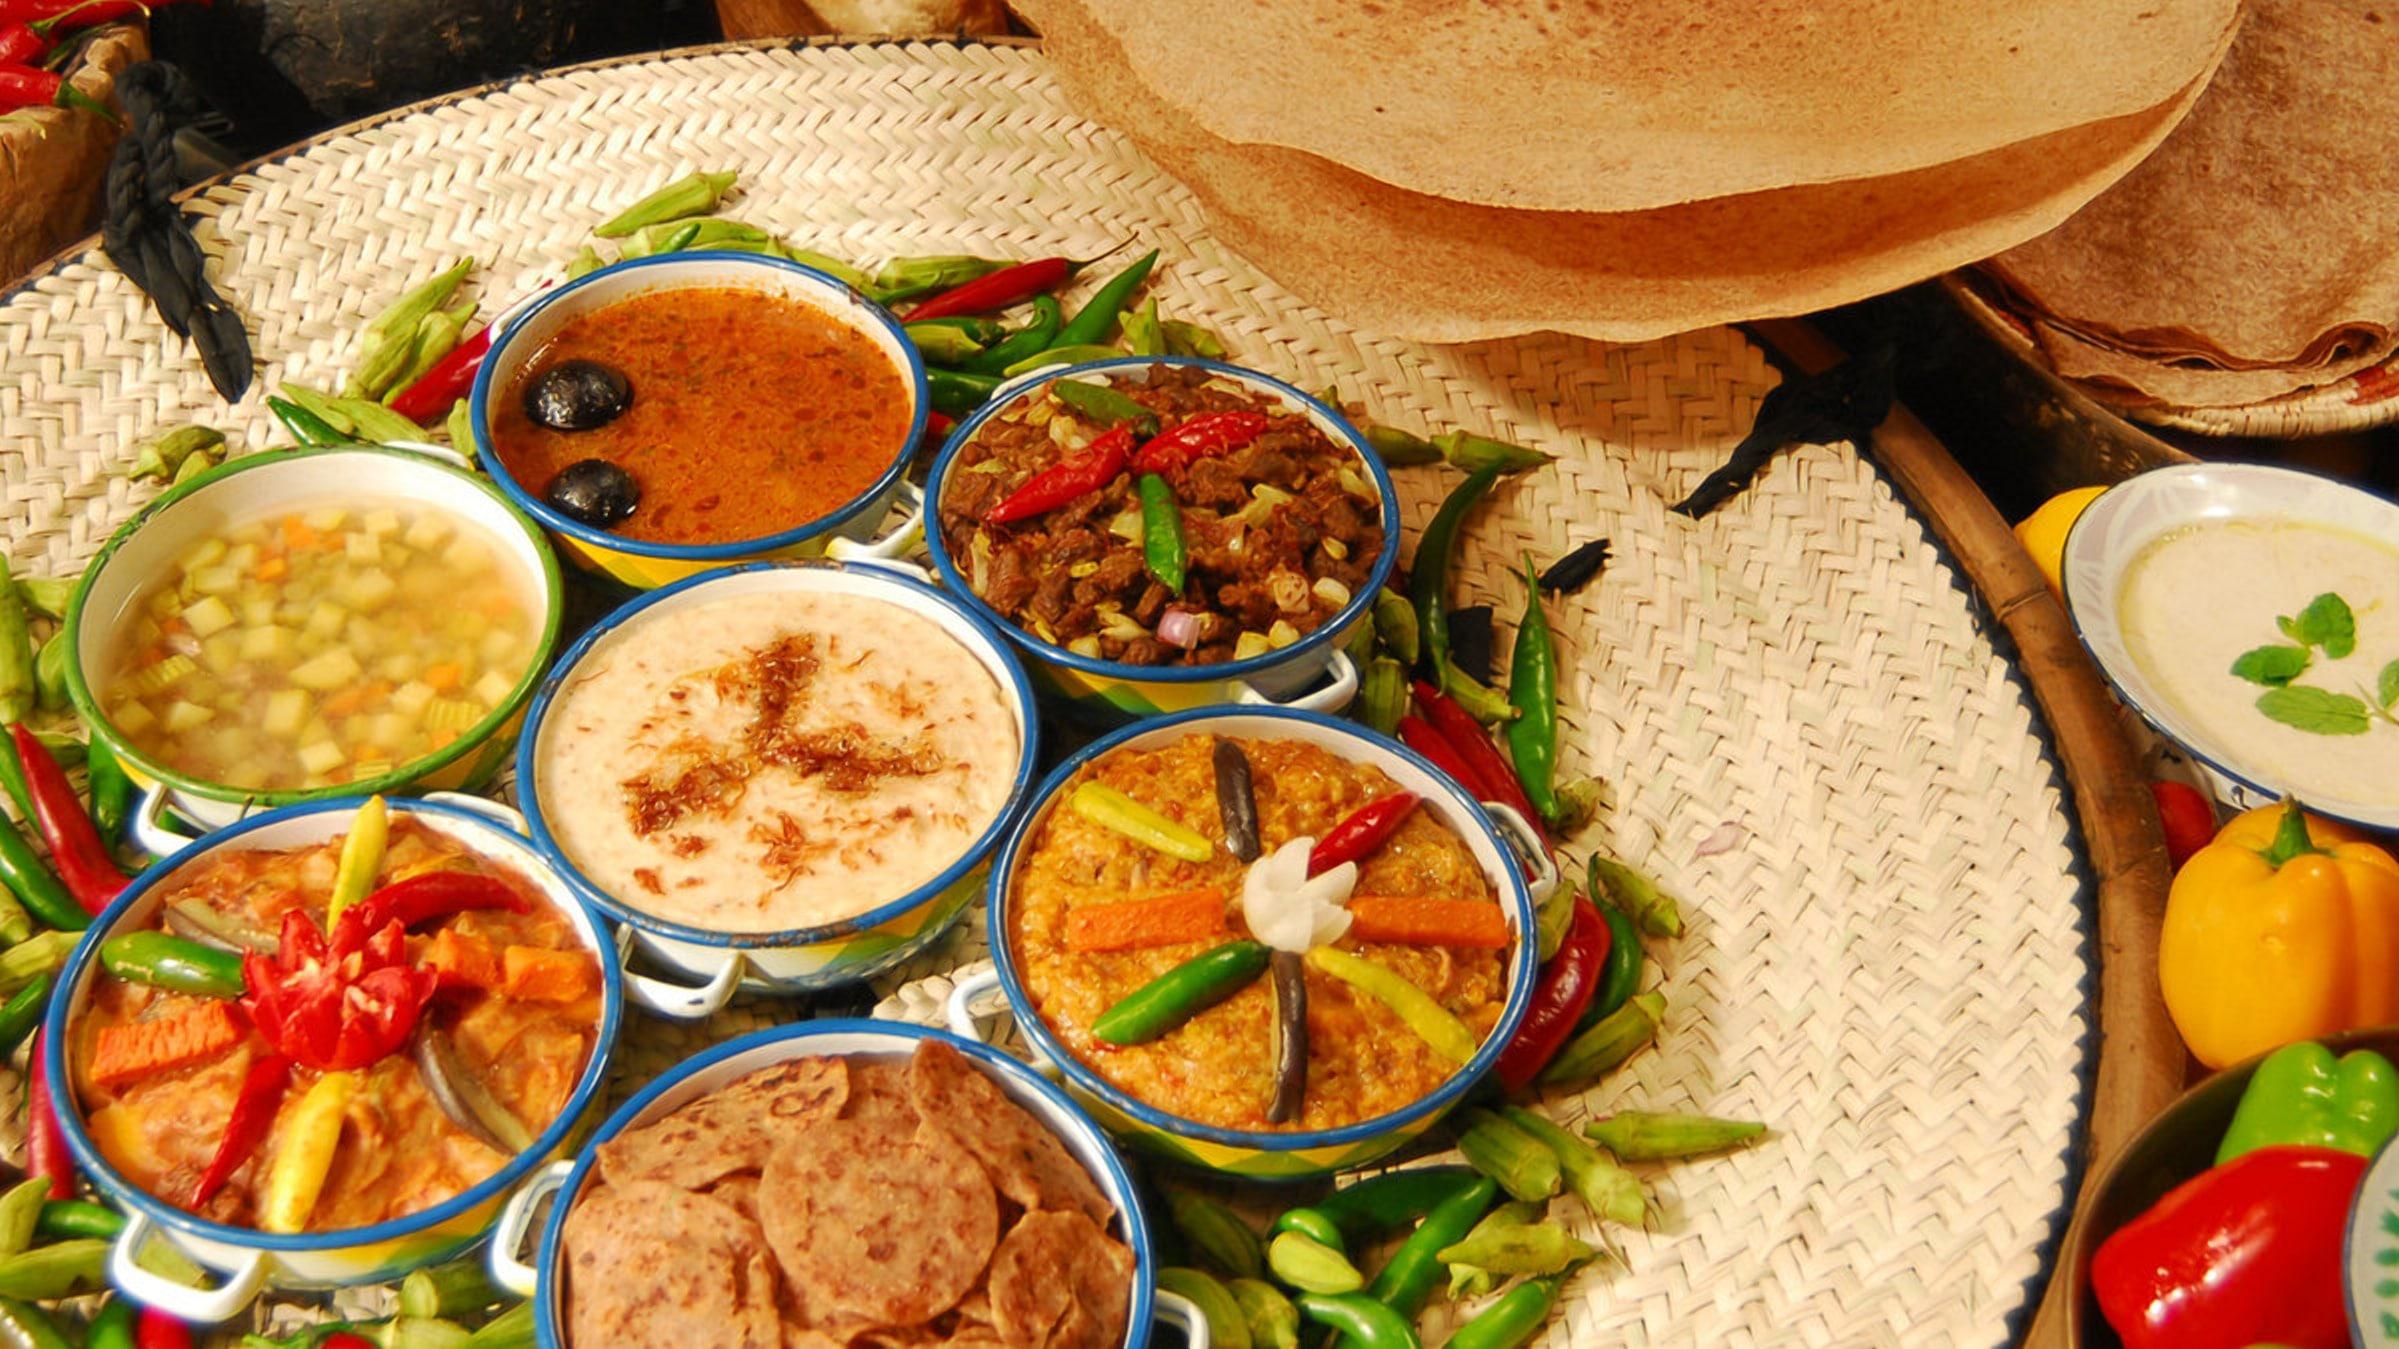 Национальная кухня Египта, или что попробовать в стране фараонов